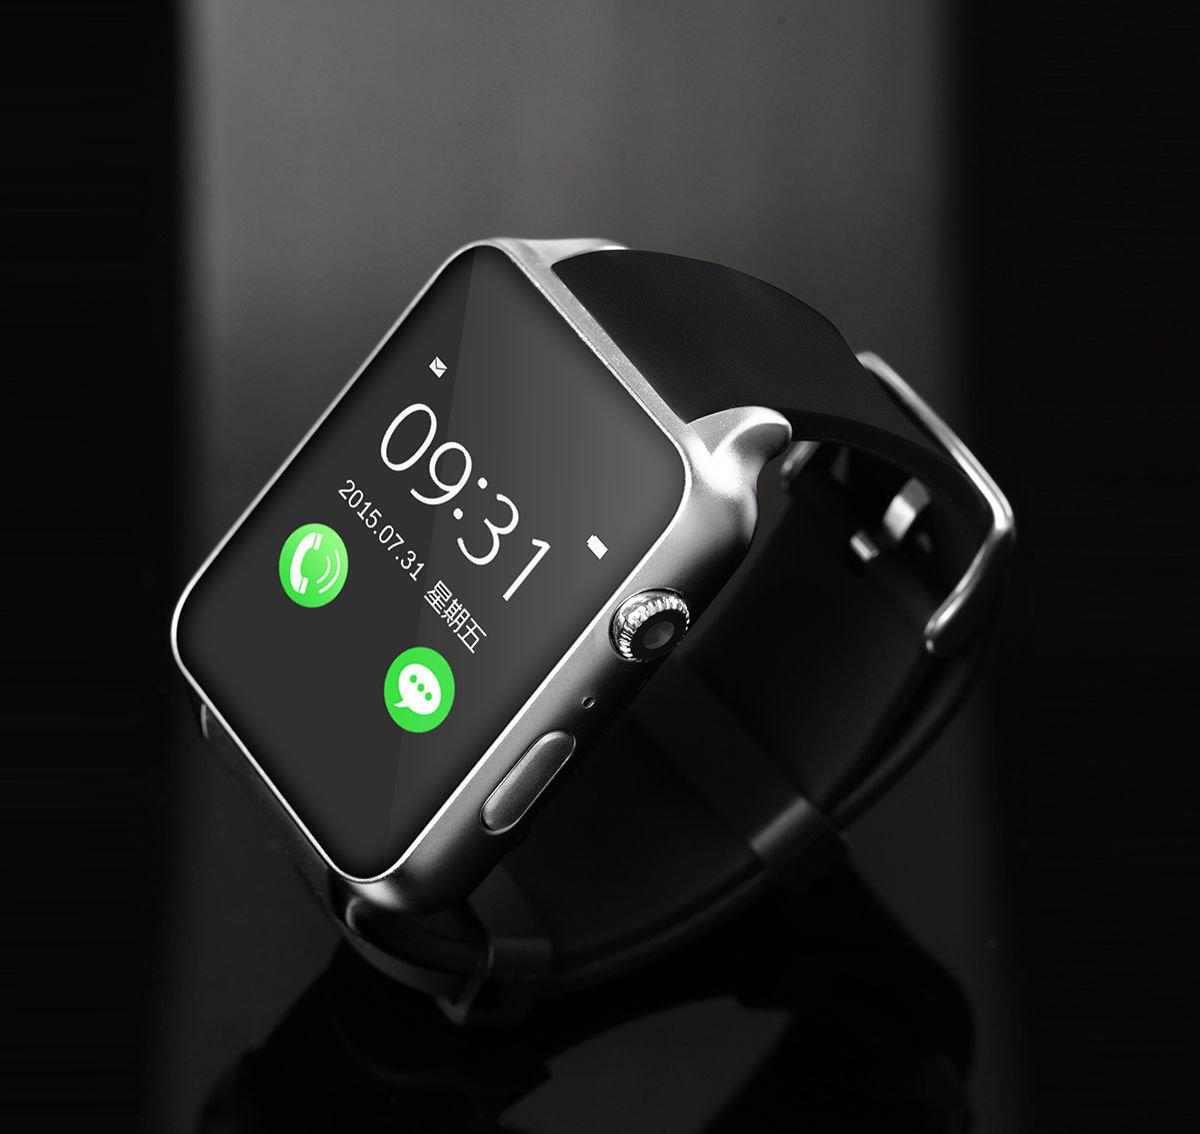 В интернет магазине на нашем сайте часы андроид купить, у них очень дешевая цена, в связи с этим число пользователей носимой электроники увеличивается с каждым днем.